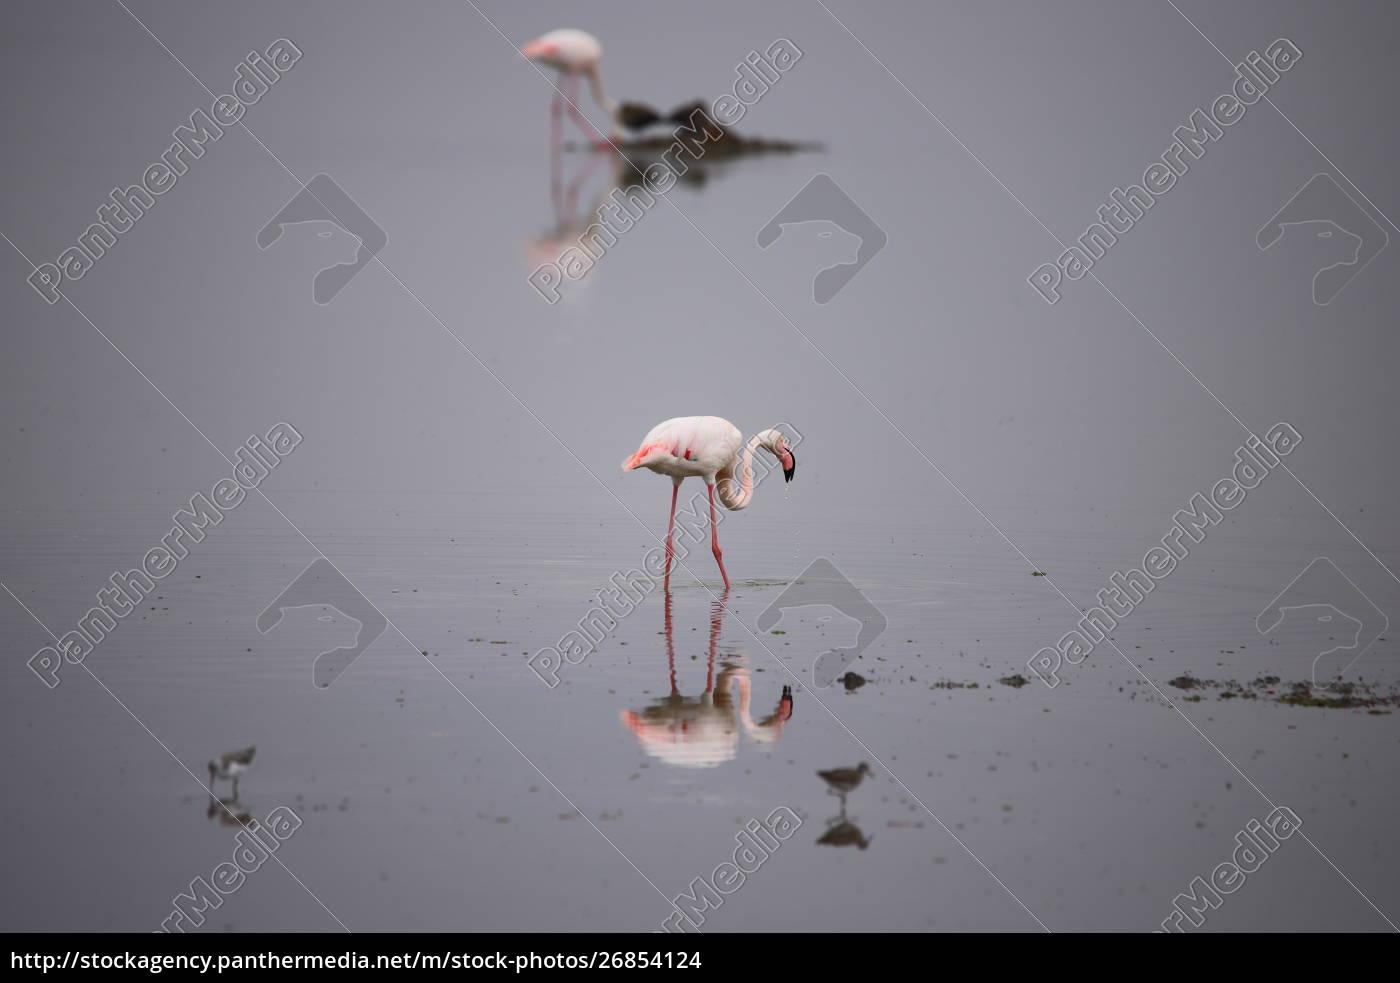 dos, flamencos, y, algunas, otras, aves - 26854124